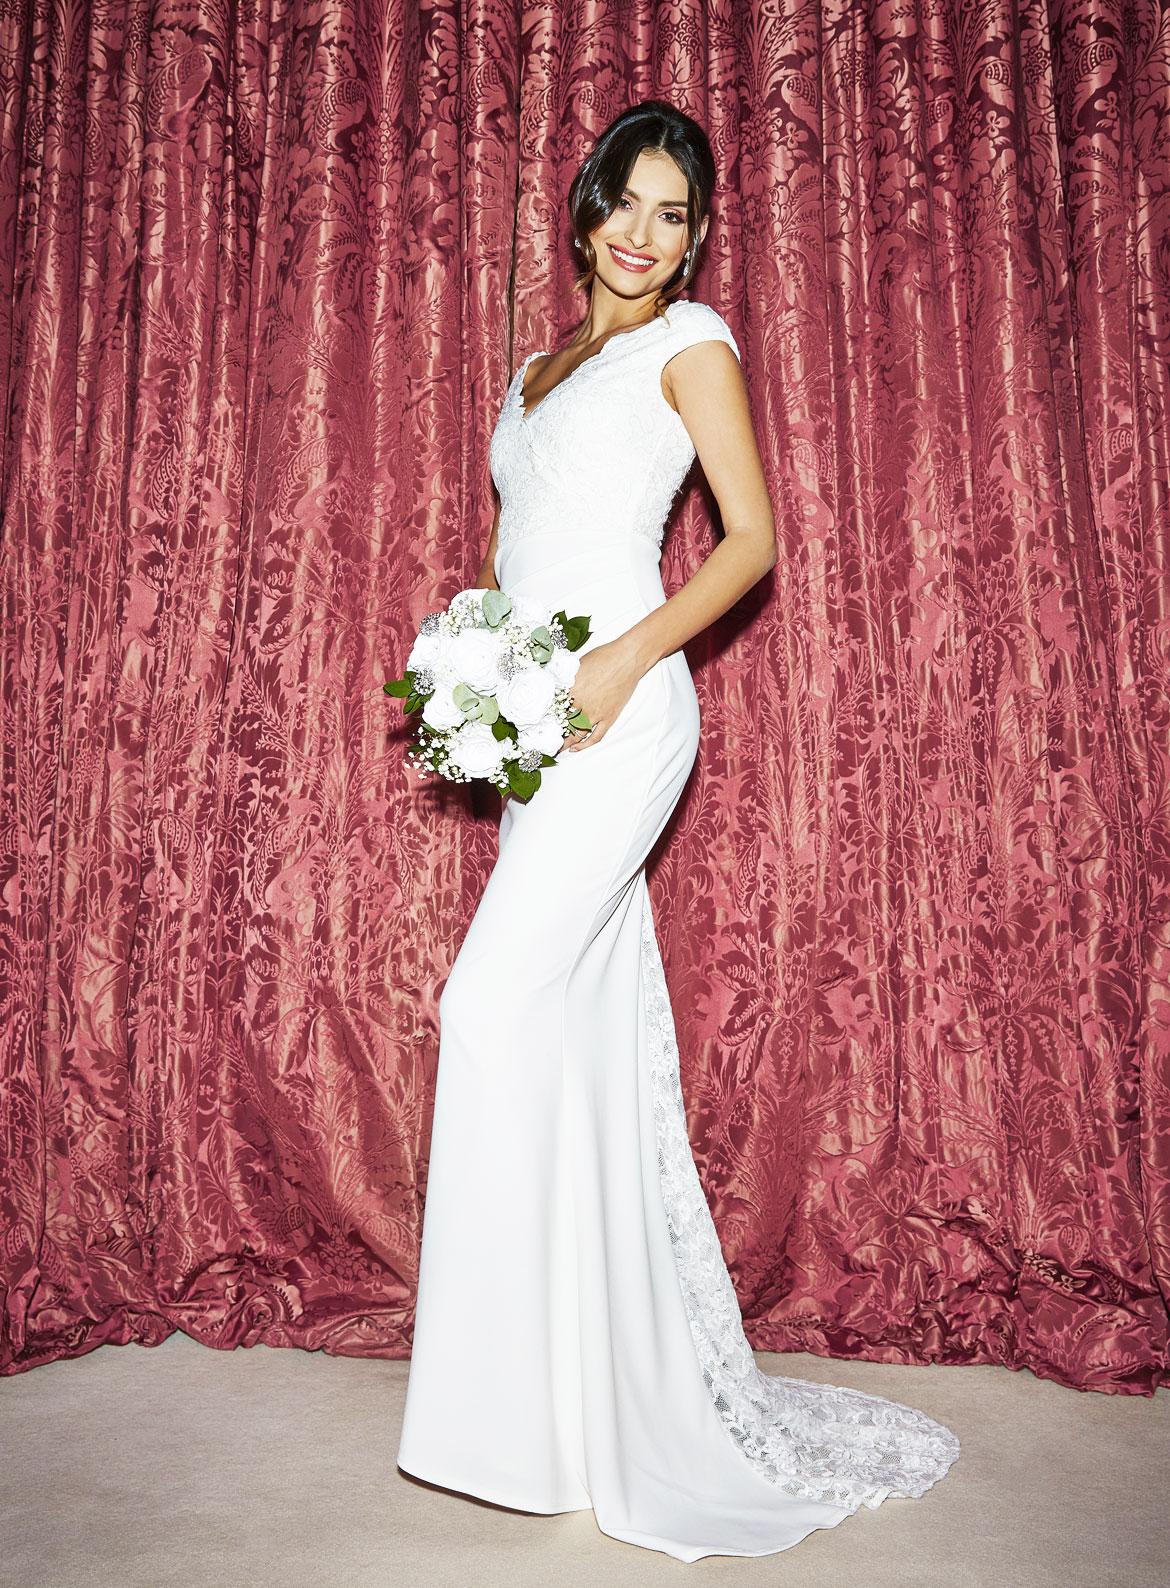 28a7f5ceca607 QUIZ Bridal & Occasionwear